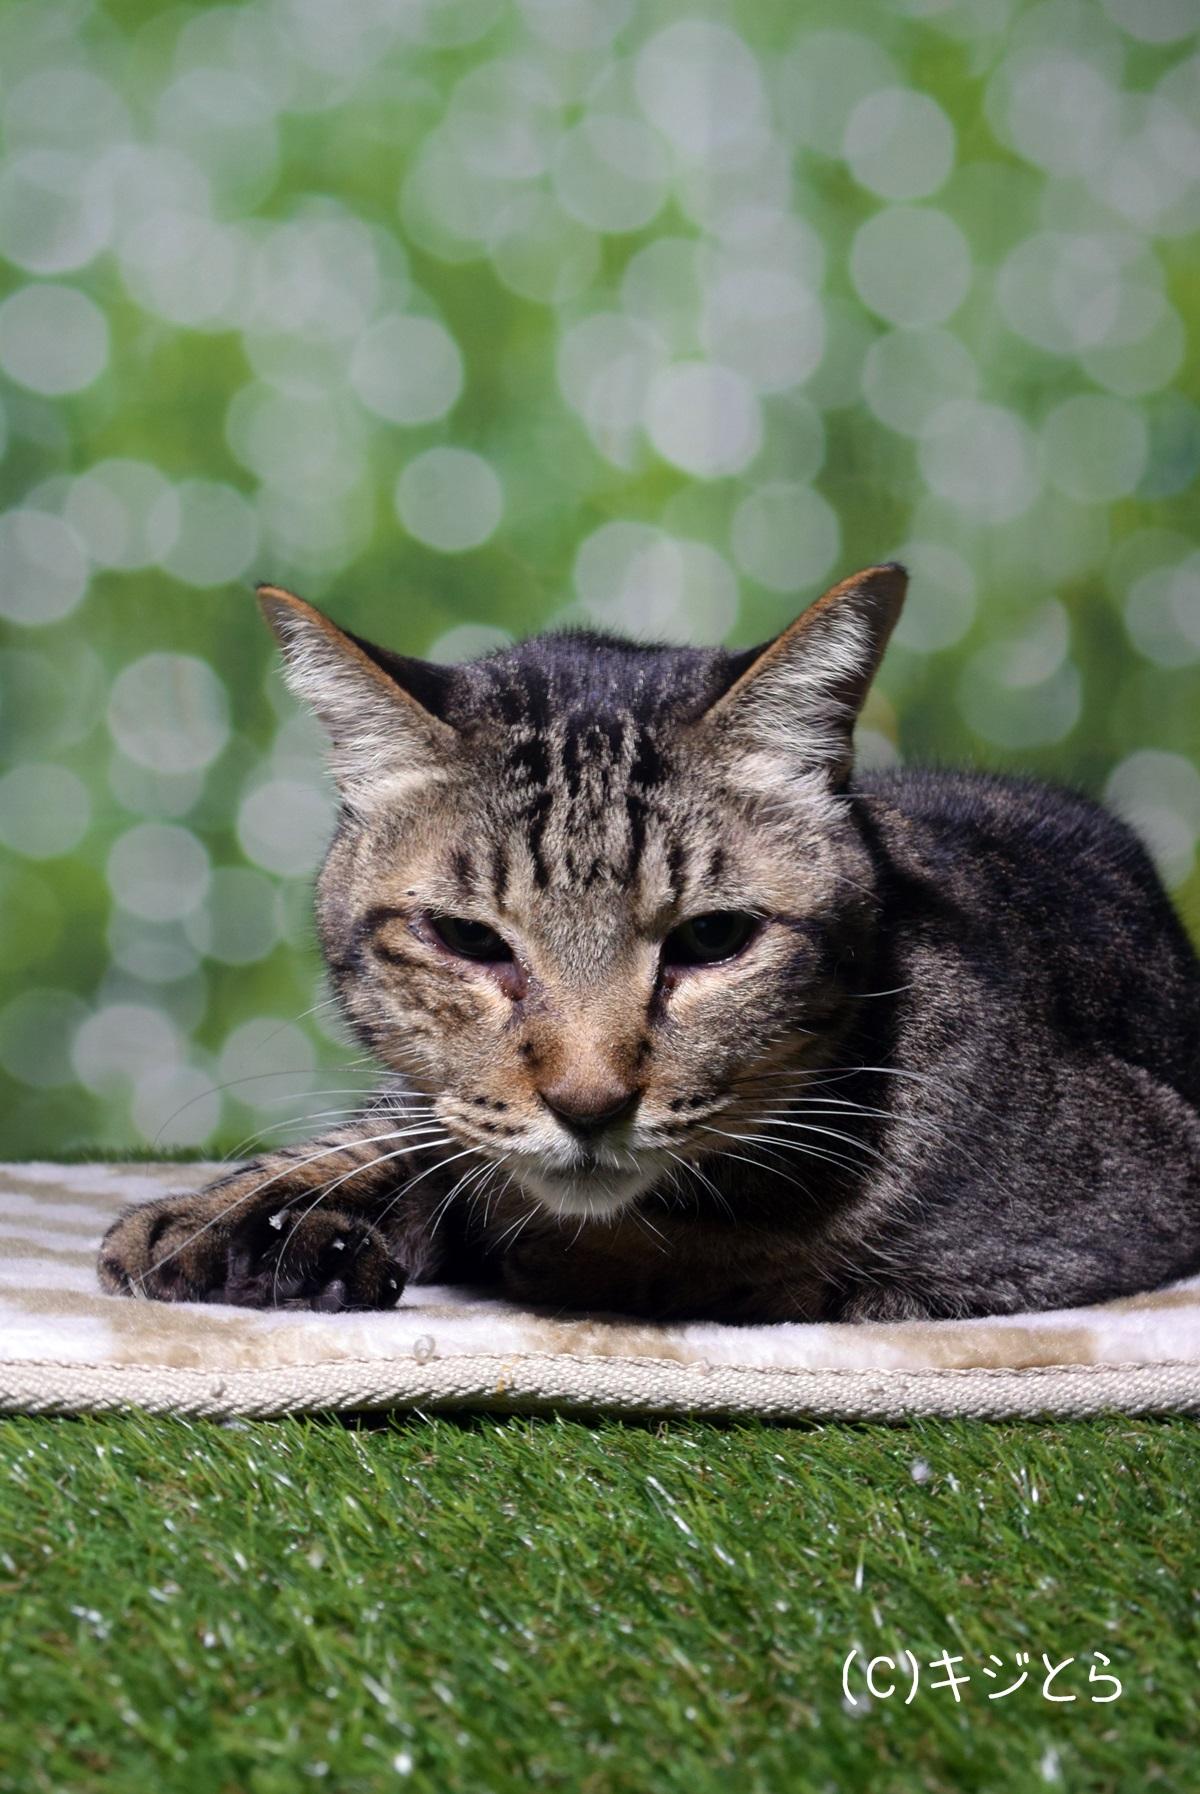 ホットカーペットの上で幸せそうな猫